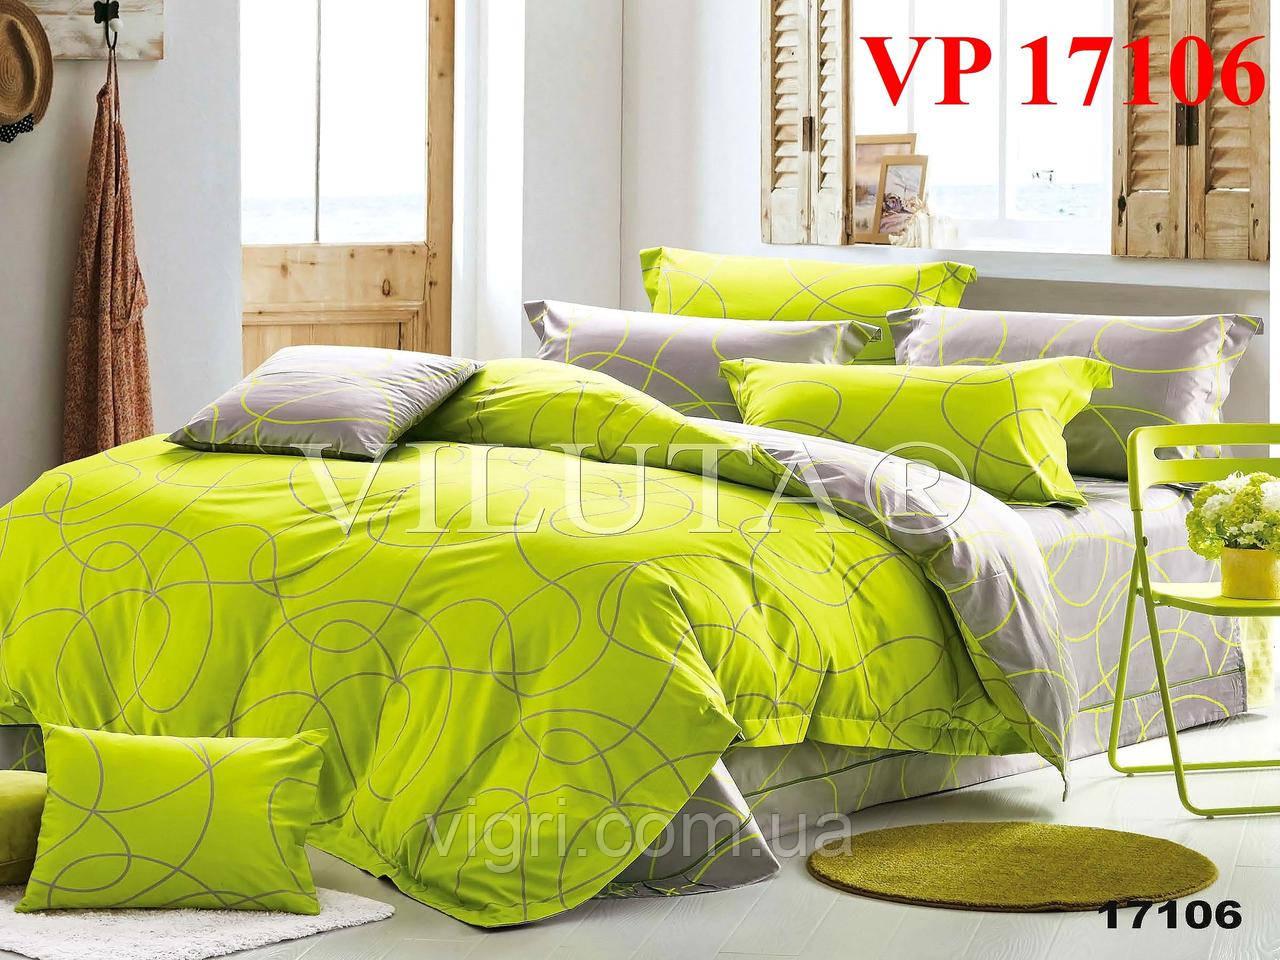 Постельное белье, евро комплект, ранфорс, Вилюта «VILUTA» VР 17106